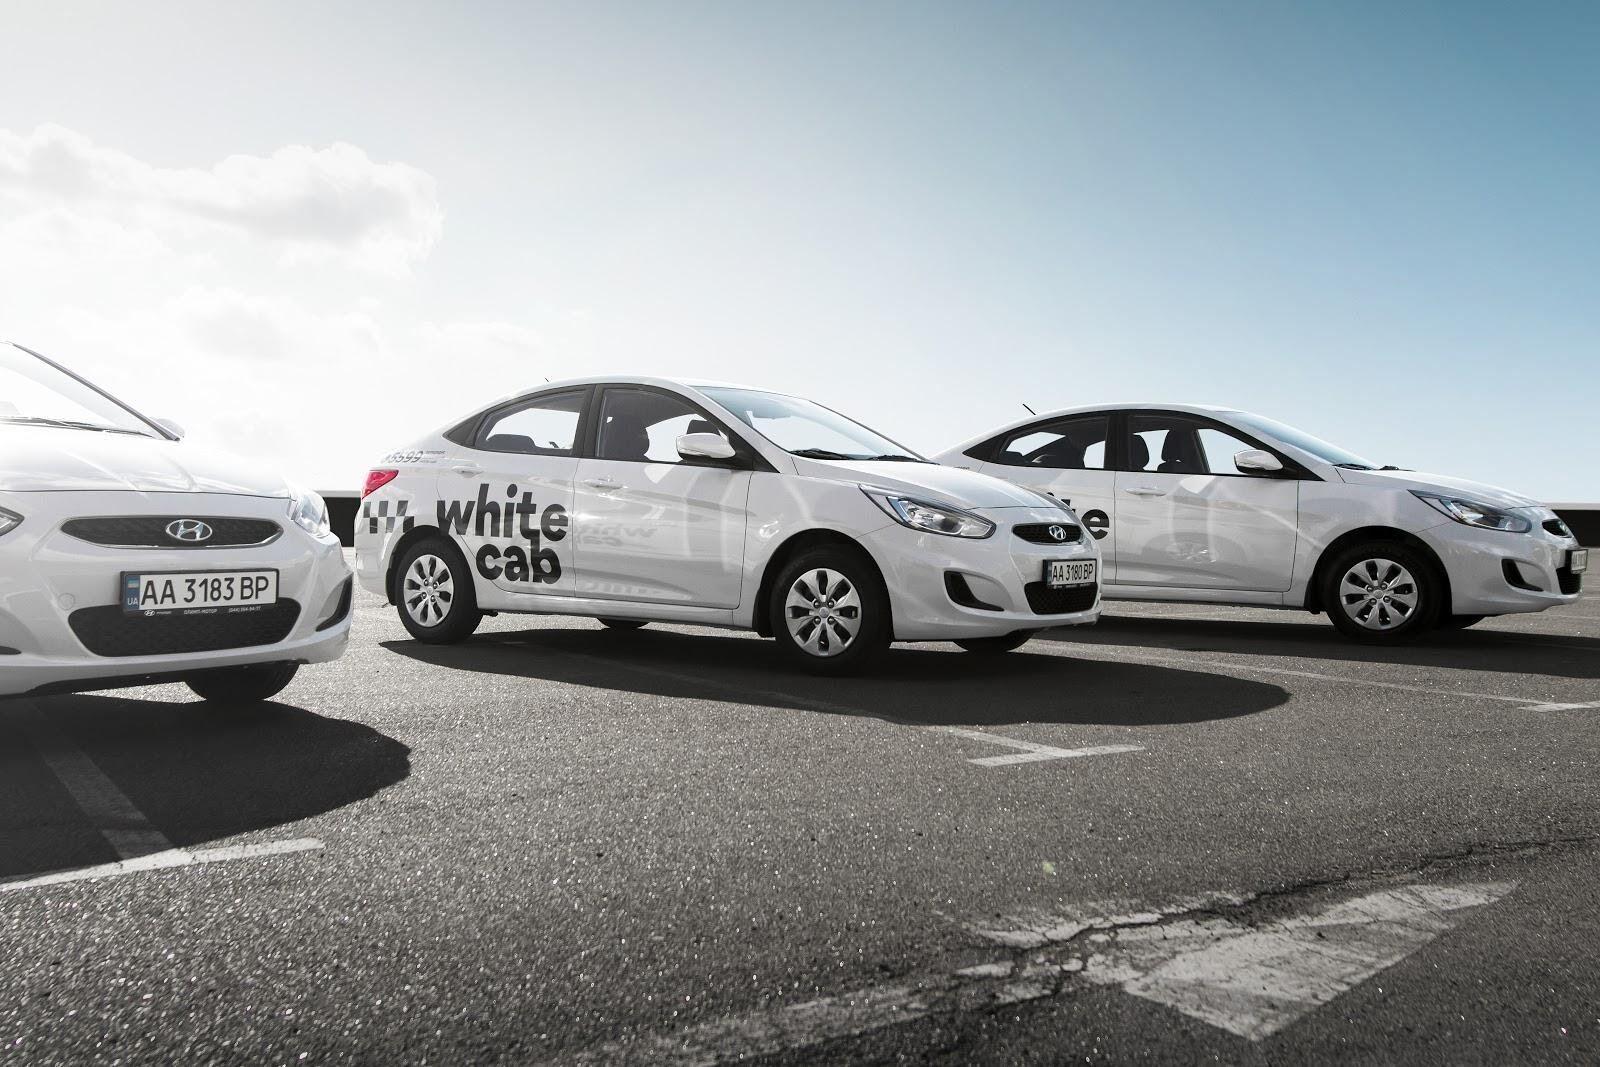 Новое приложение для вызова такси Cab: что сервис предлагает пассажирам?